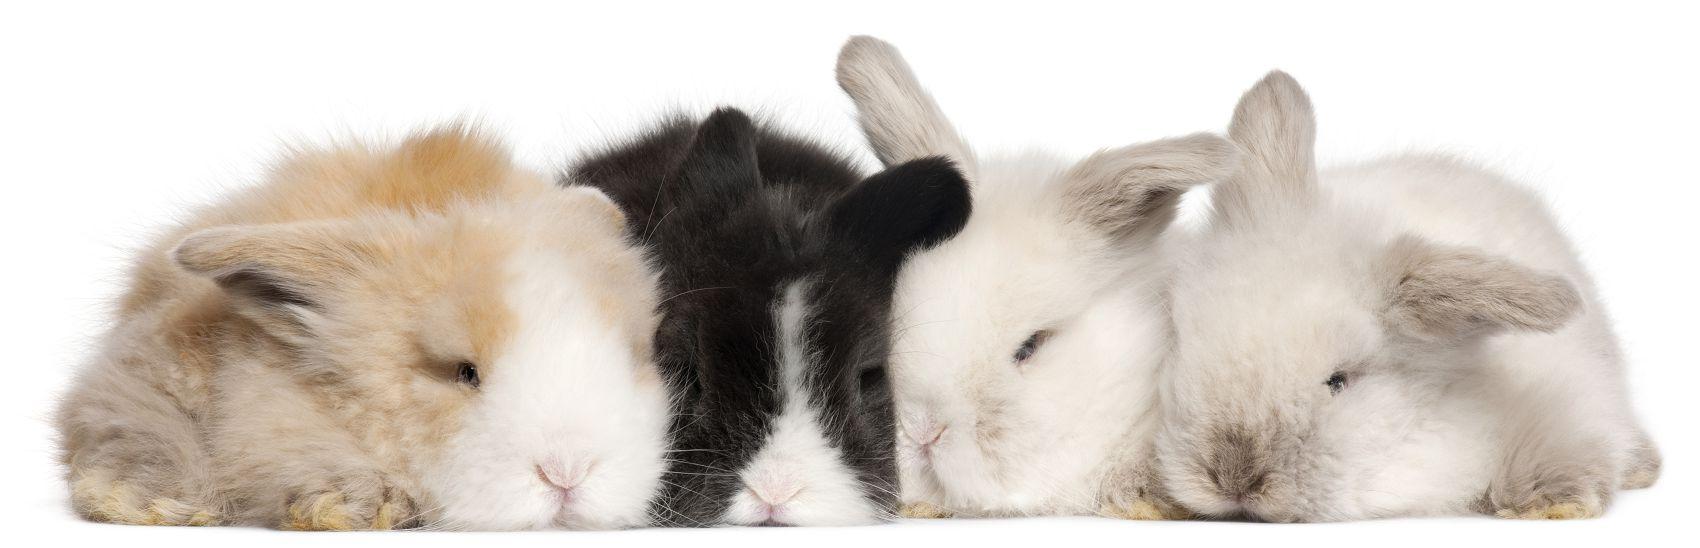 Кролики на белом фоне